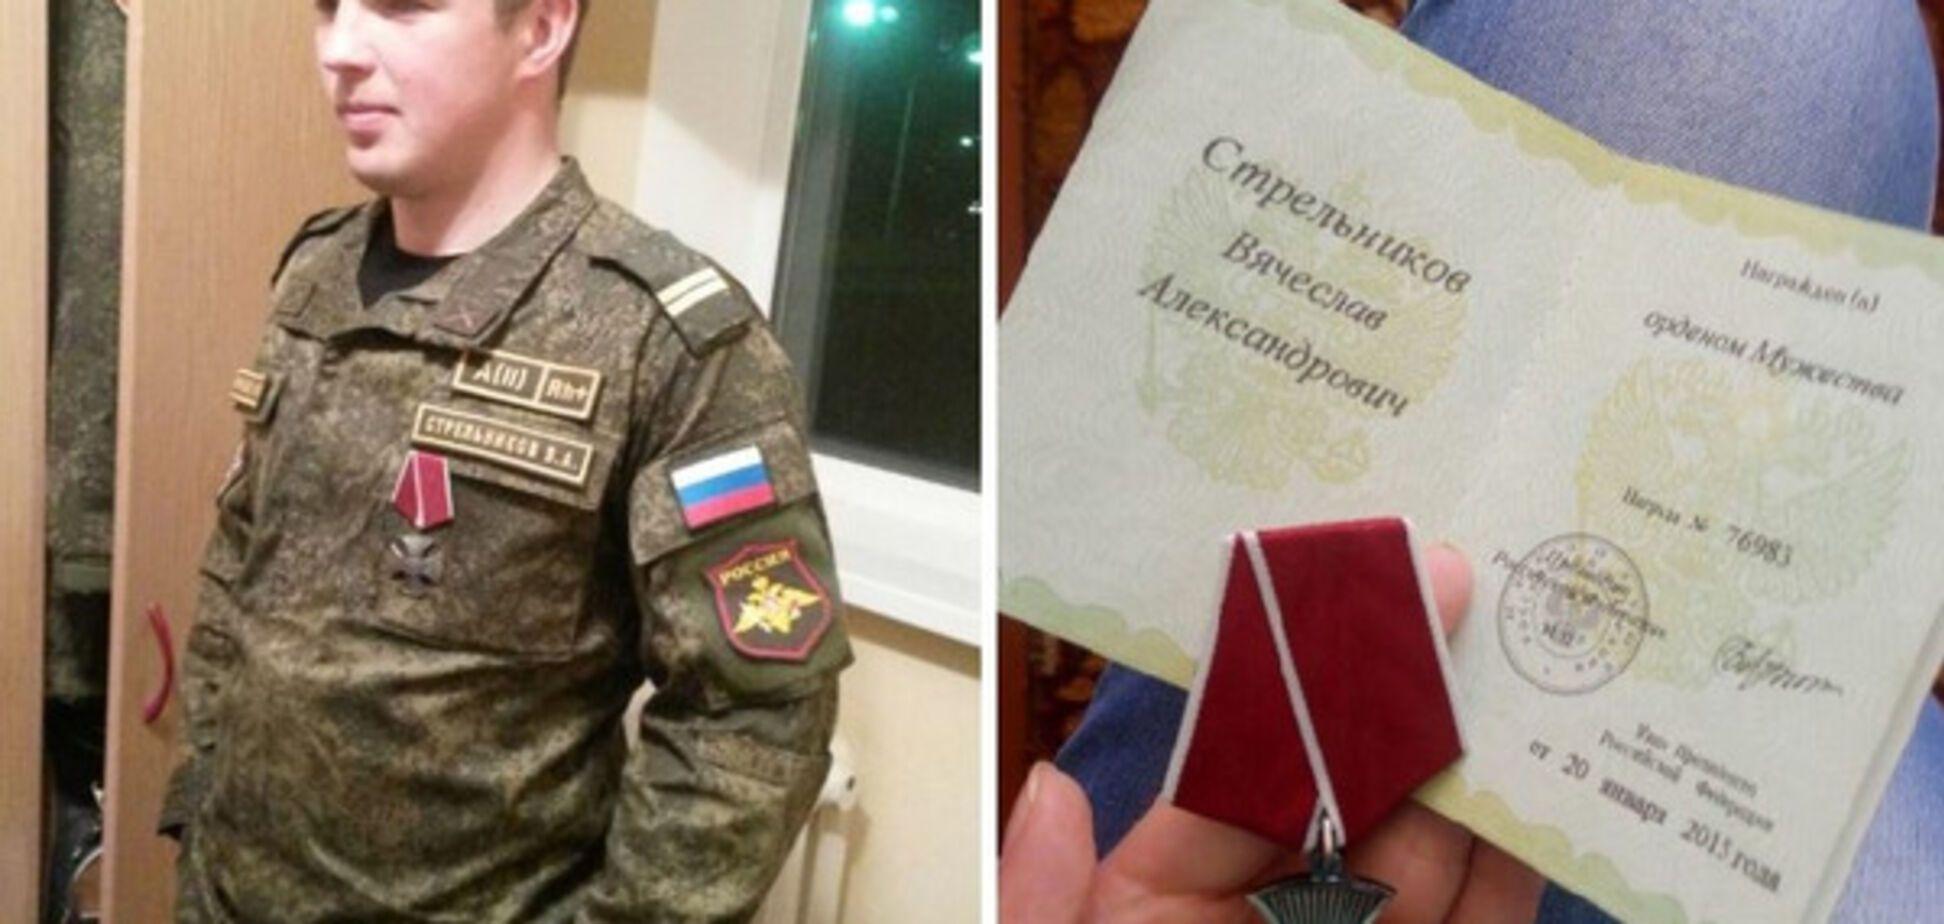 'Ихтамнет': обнародован список российских оккупантов, награжденных за Крым и Донбасс